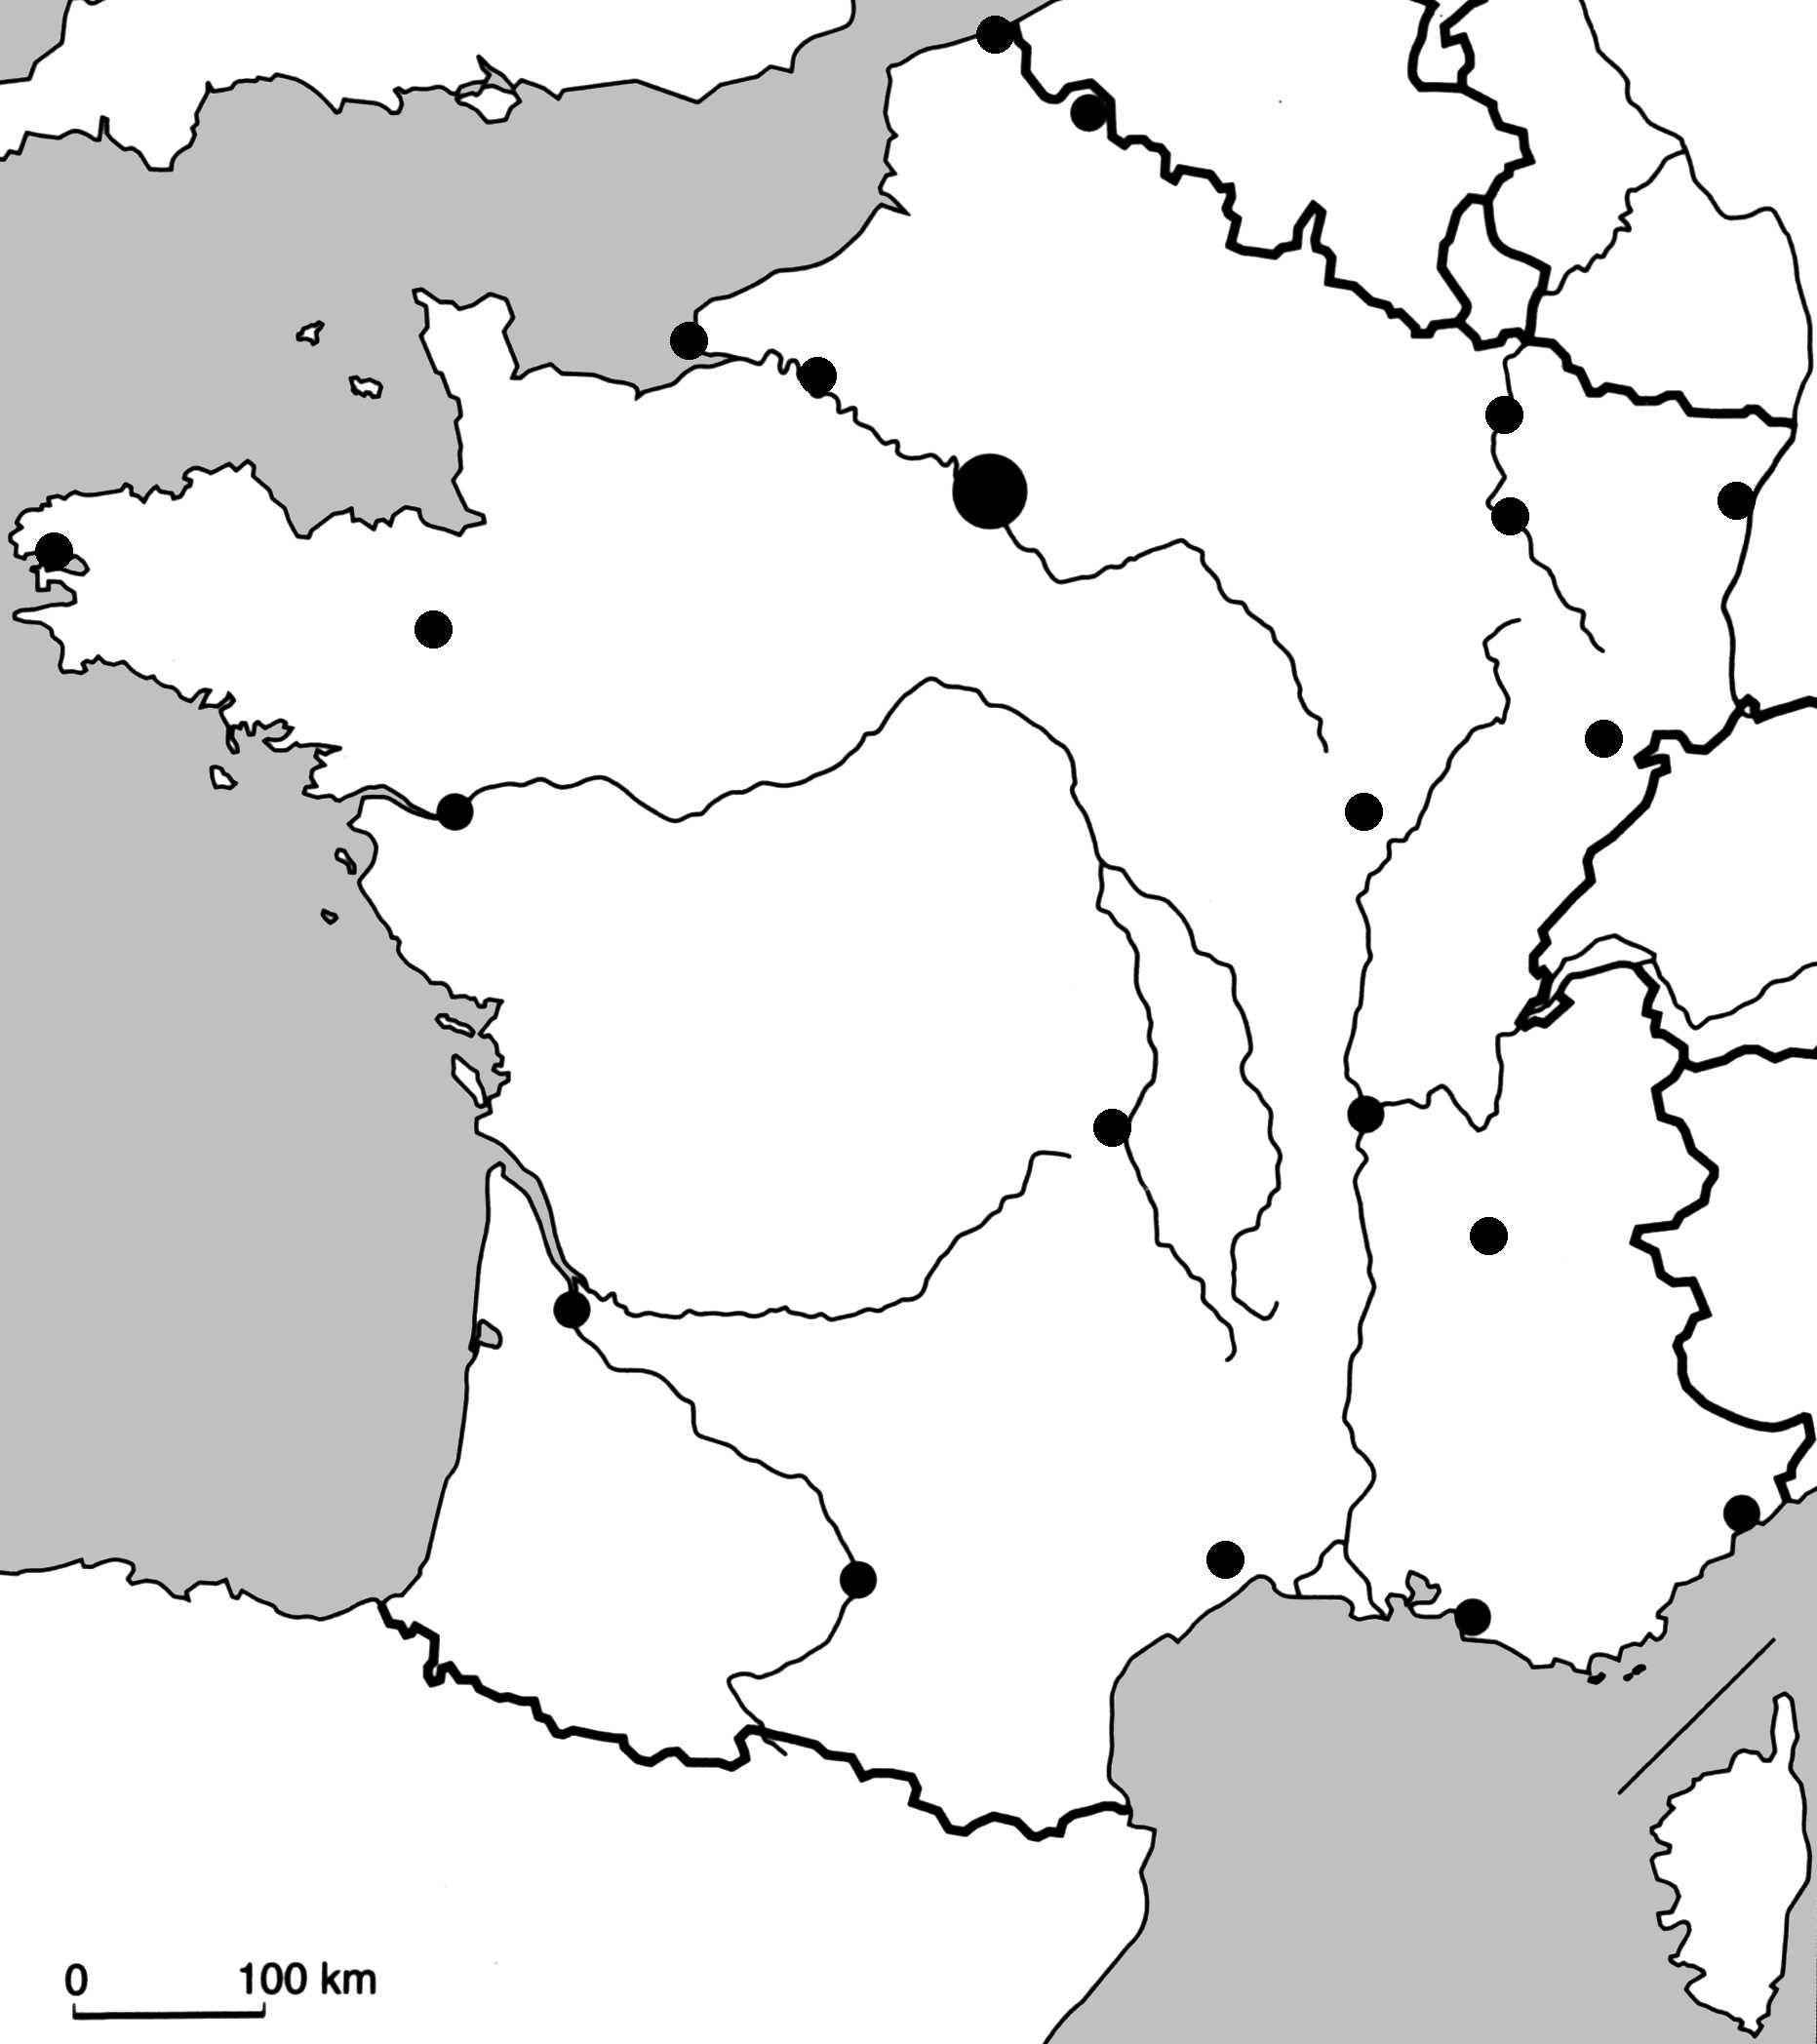 Afficher L'image D'origine | Carte France Vierge, Fleuve De concernant Carte Des Fleuves En France